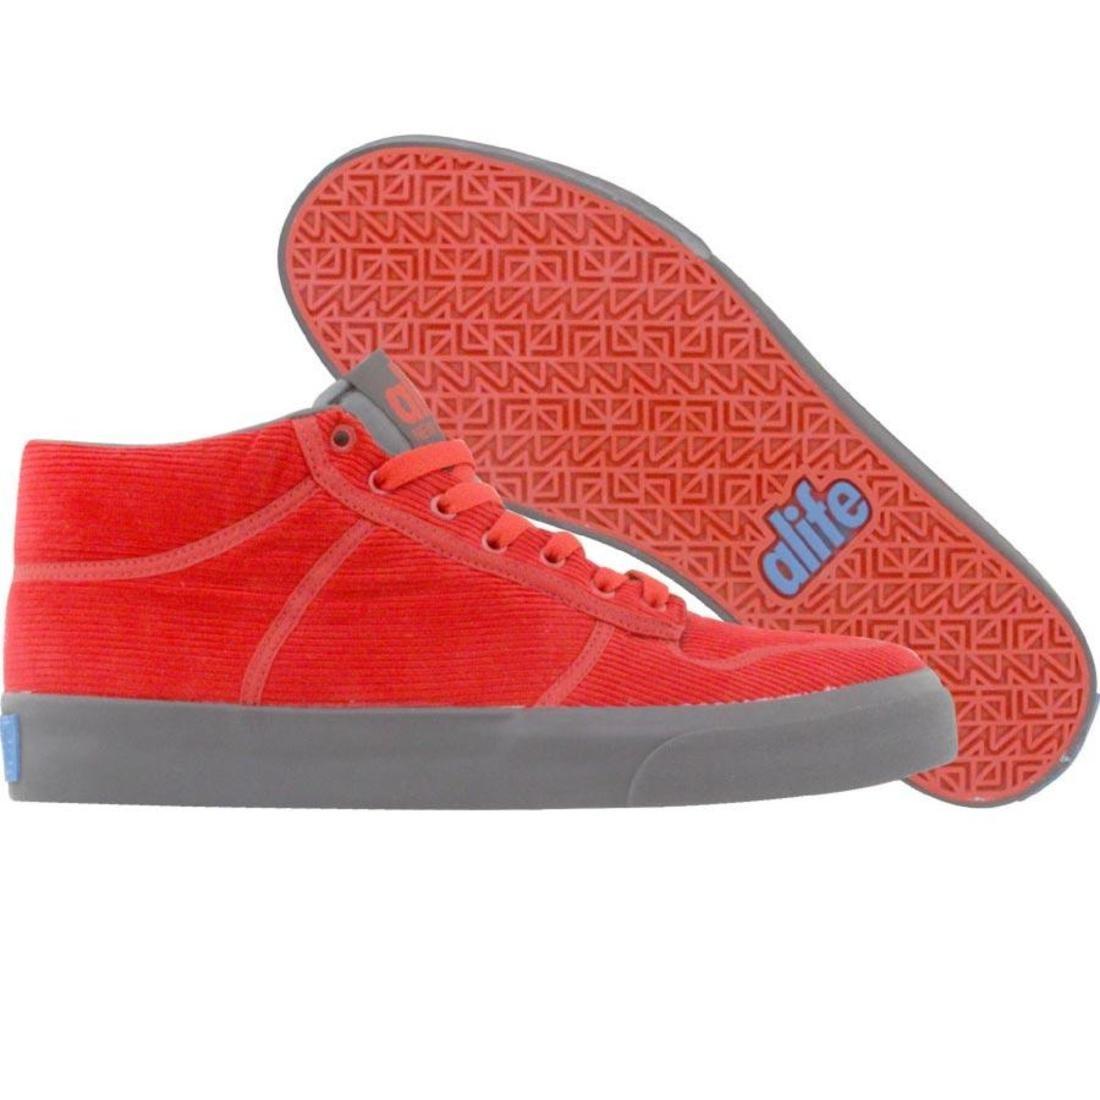 【海外限定】エーライフ ミッド コーデュロイ スニーカー メンズ靴 【 ALIFE EVERYBODY MID CORDUROY RED 】